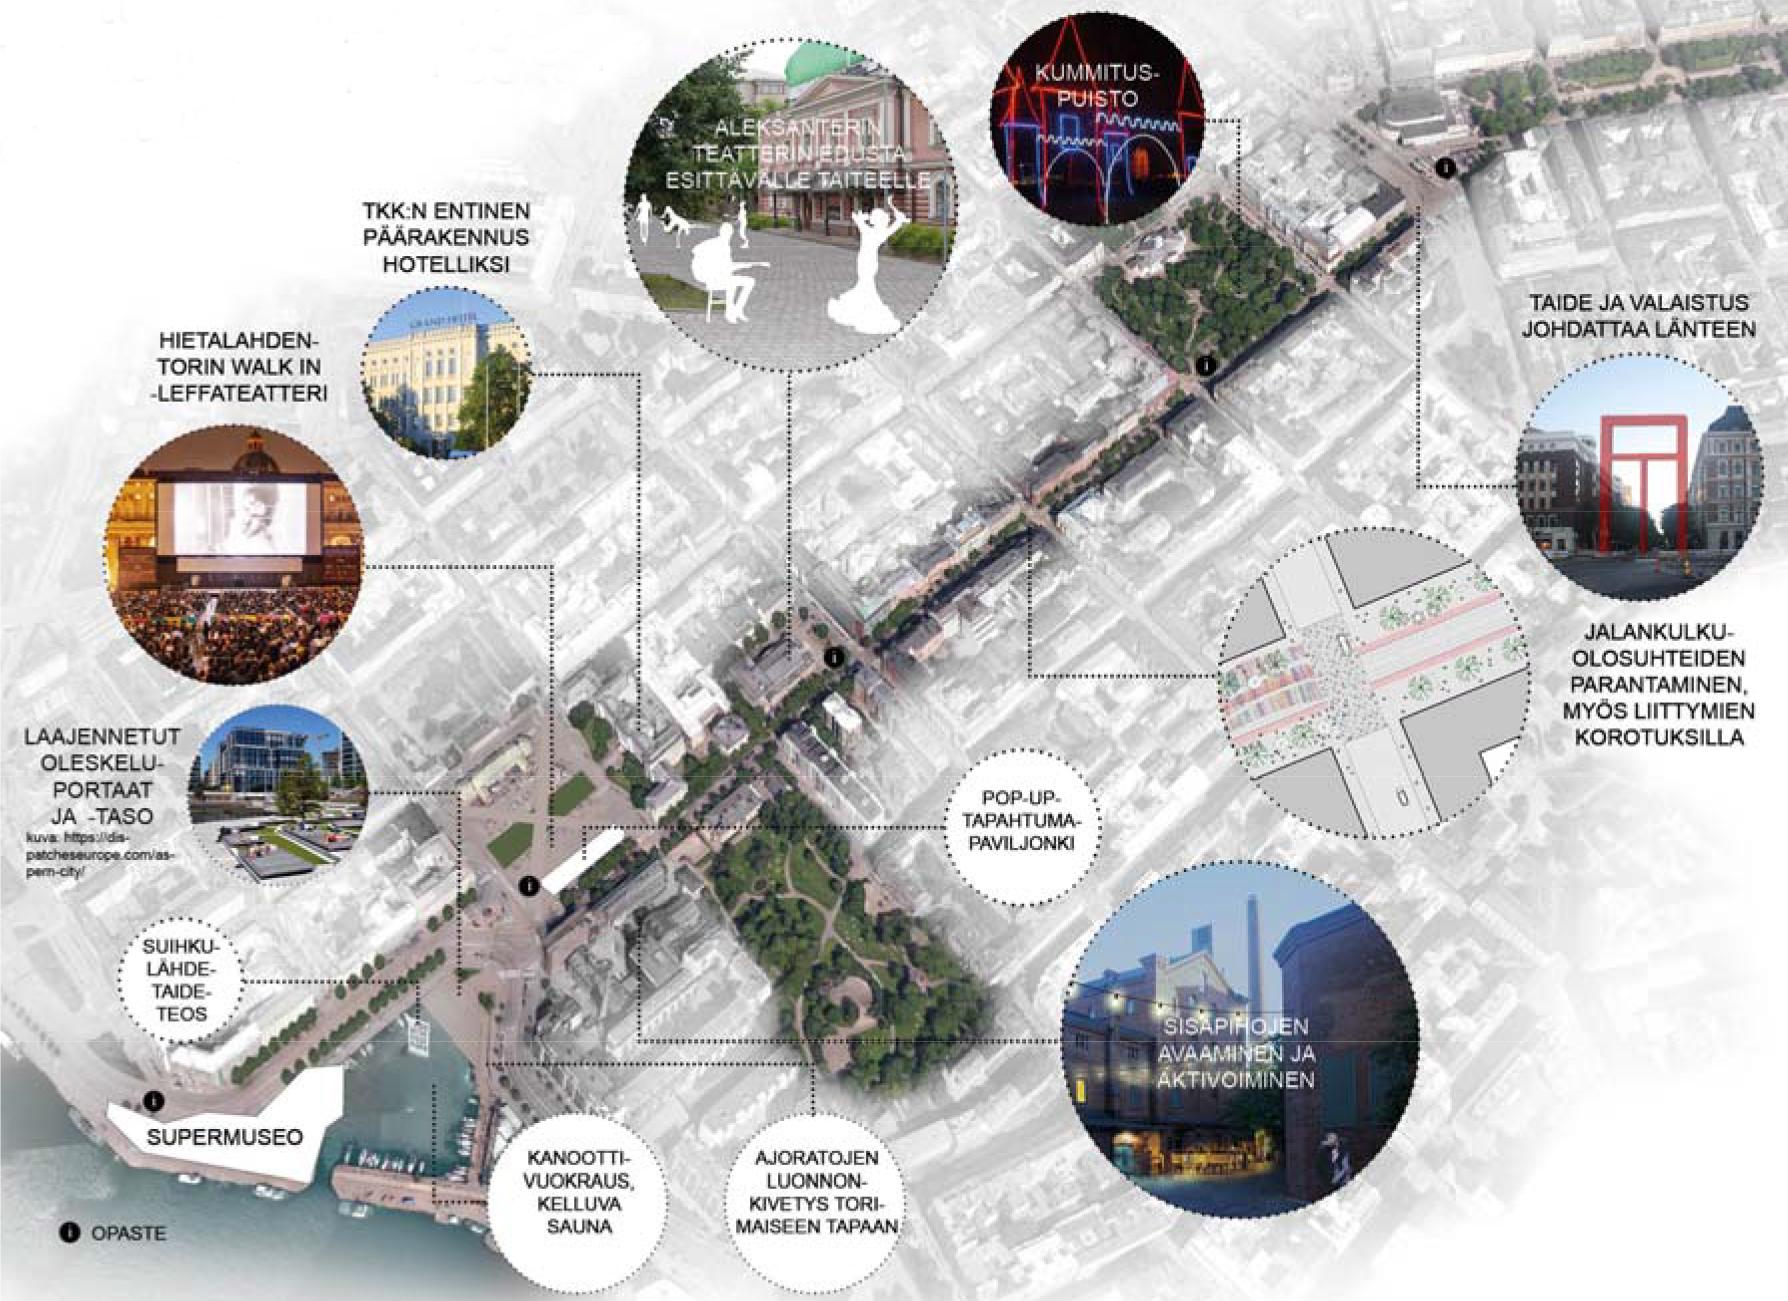 Kaupunkisuunnittelua: Bulevardia voi kehittää monipuolisena taide- ja ravintolakatuna.